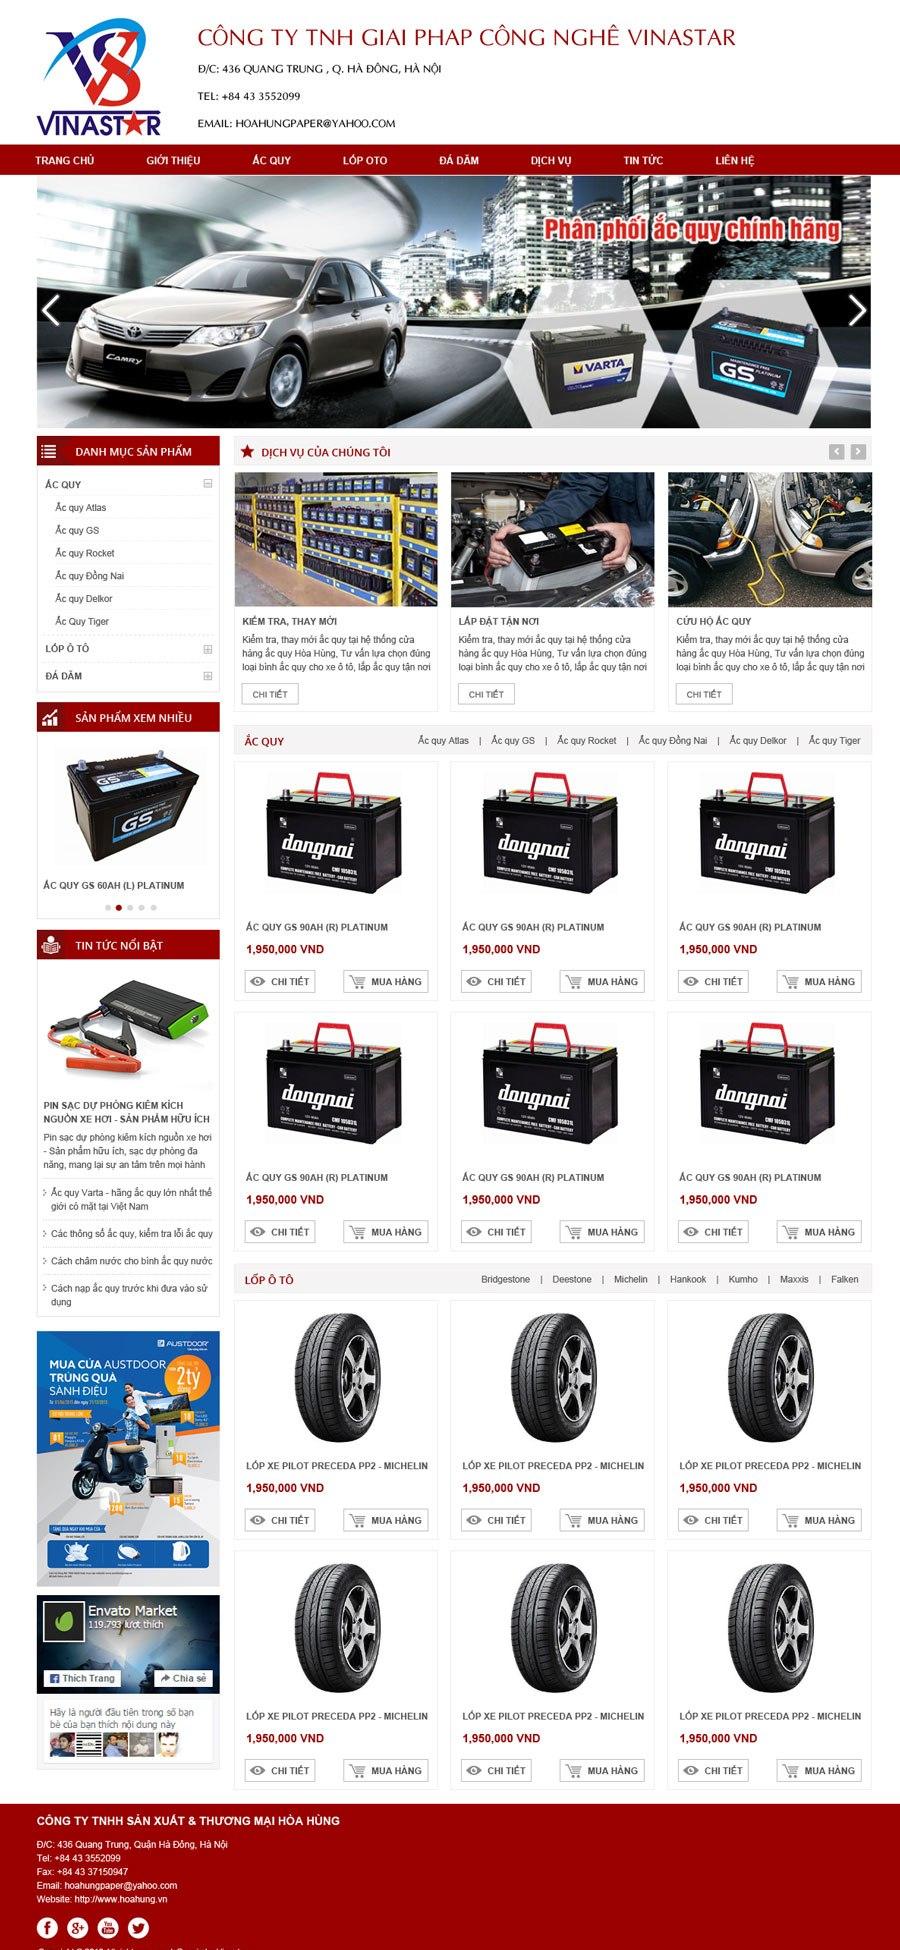 thiết kế web giá rẻ phụ tùng xe đạp